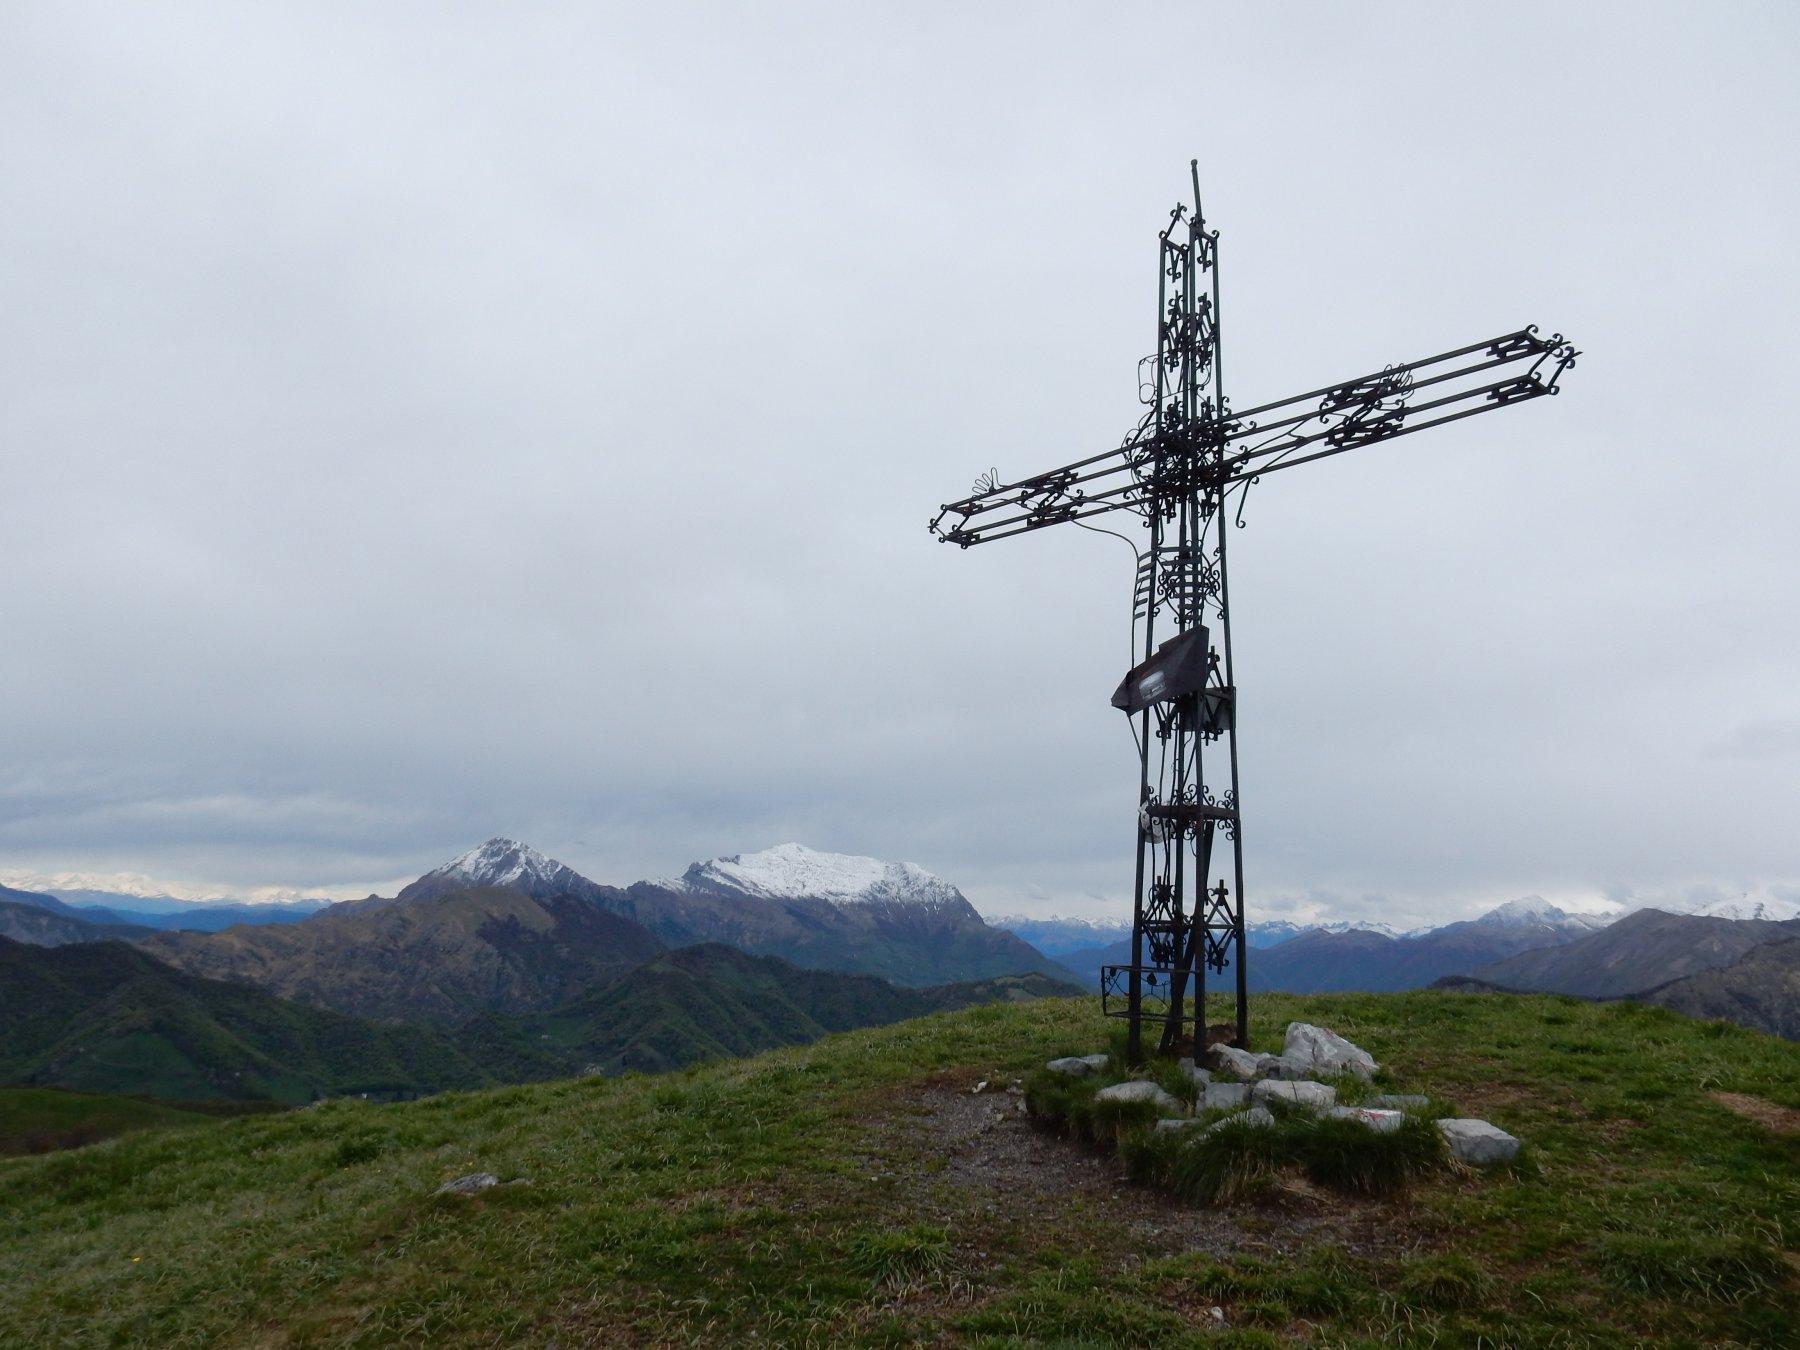 Croce dello Zuc de Valmana 1546mt. e Grigne imbiancate all'orizzonte